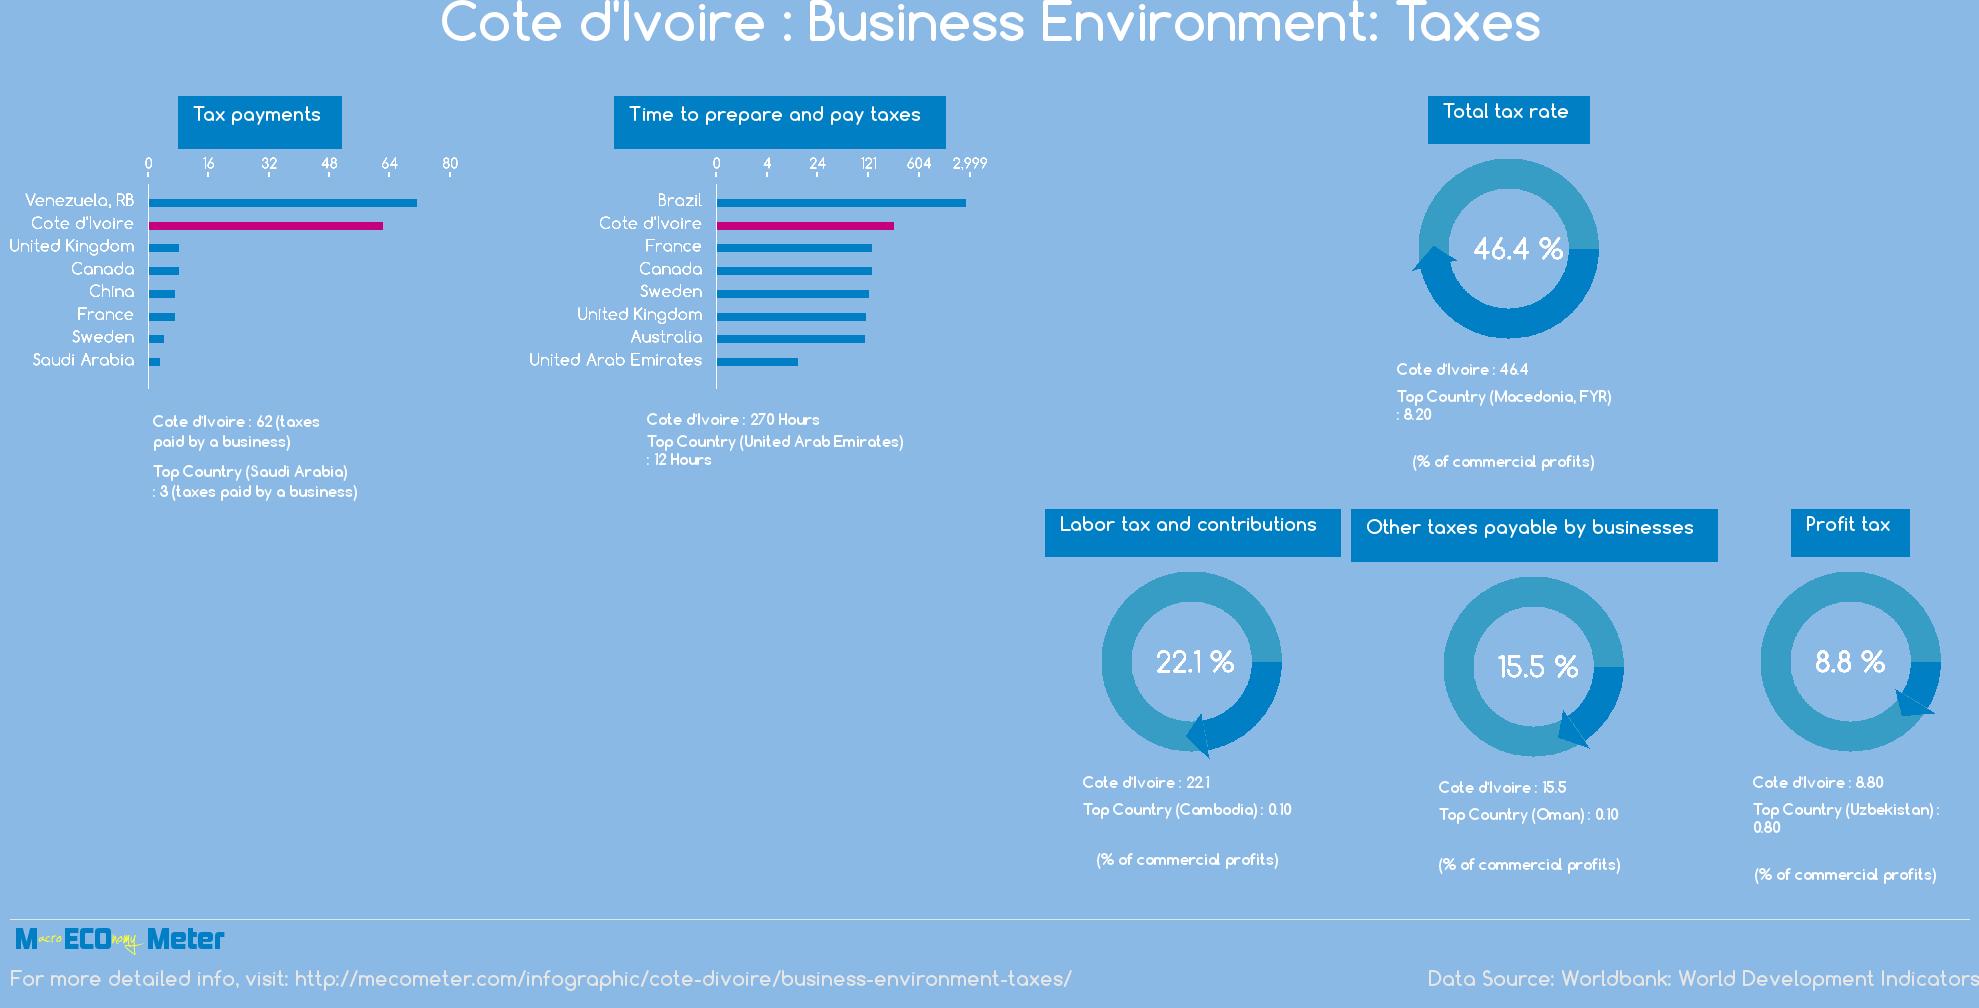 Cote d'Ivoire : Business Environment: Taxes